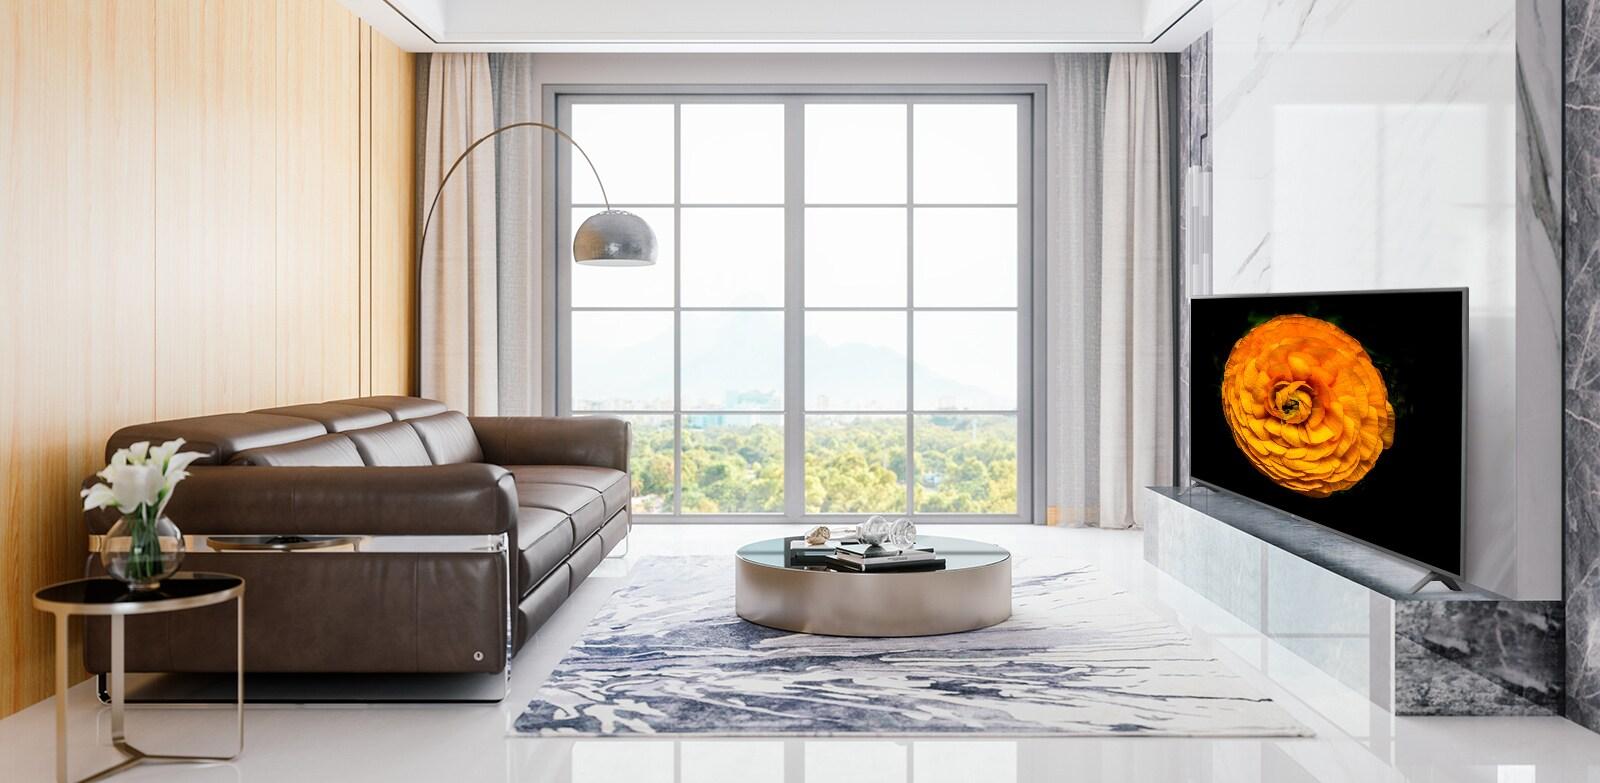 טלוויזיית LG UHD תלויה על קיר בחדר שינה בעיצוב מינימליסטי. על מסך הטלוויזיה תמונה של פרח.